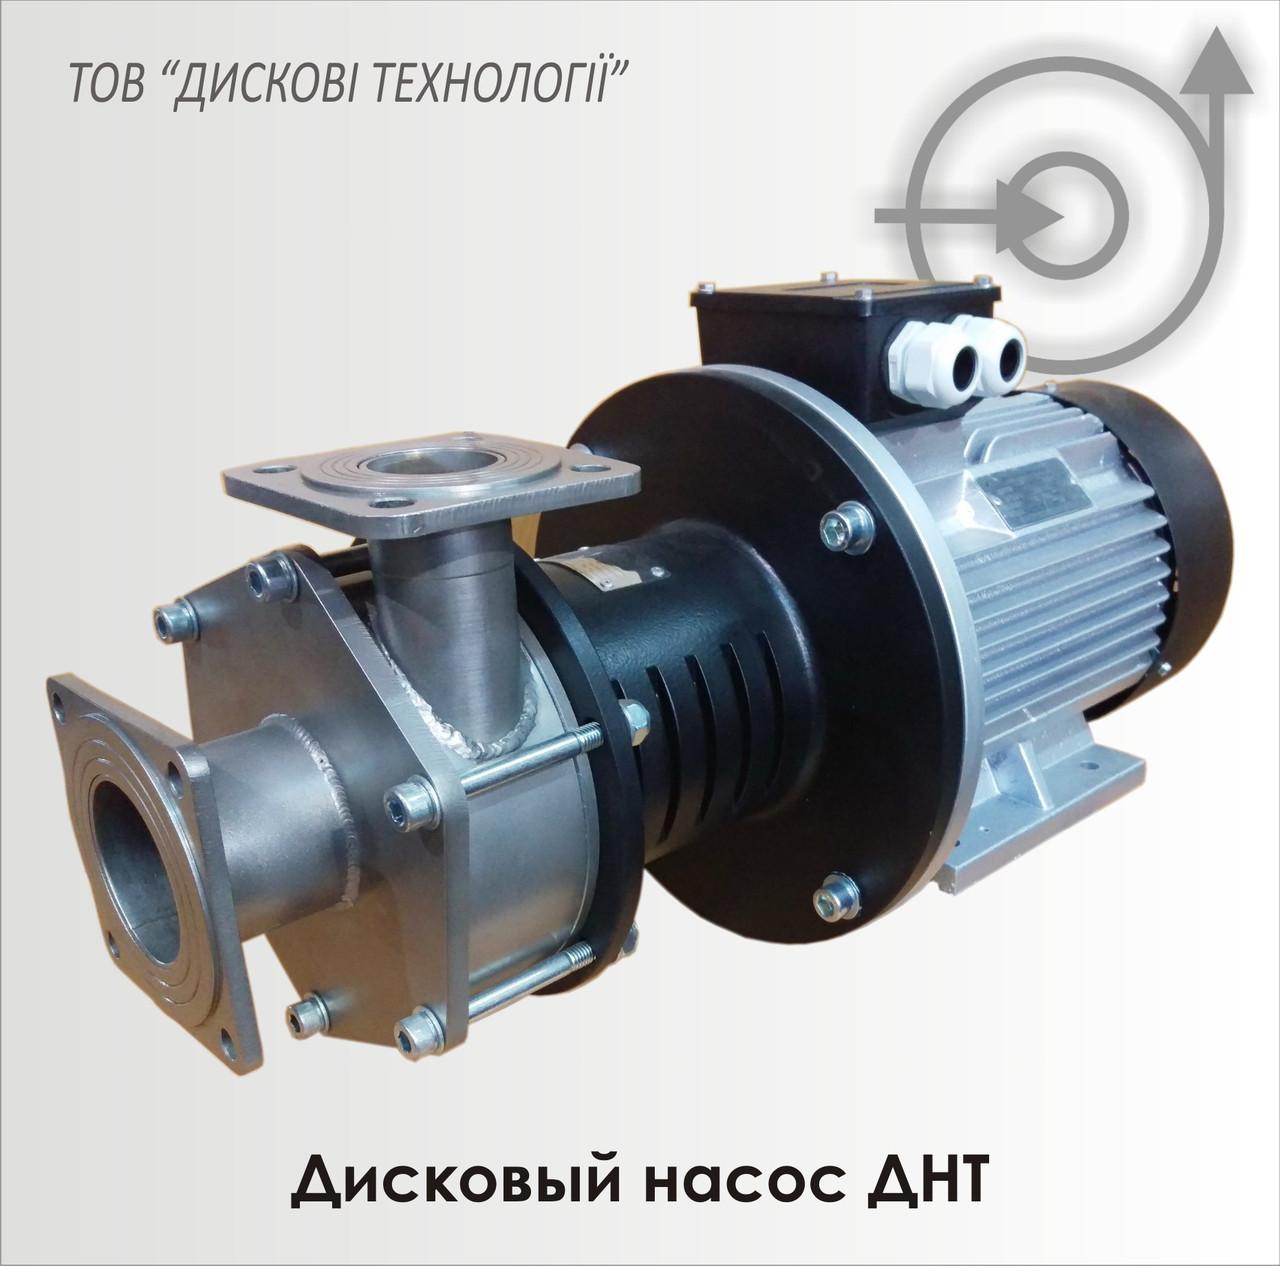 Насос для фильтрованного масла ДНТ-М 65-50-170 ТУ